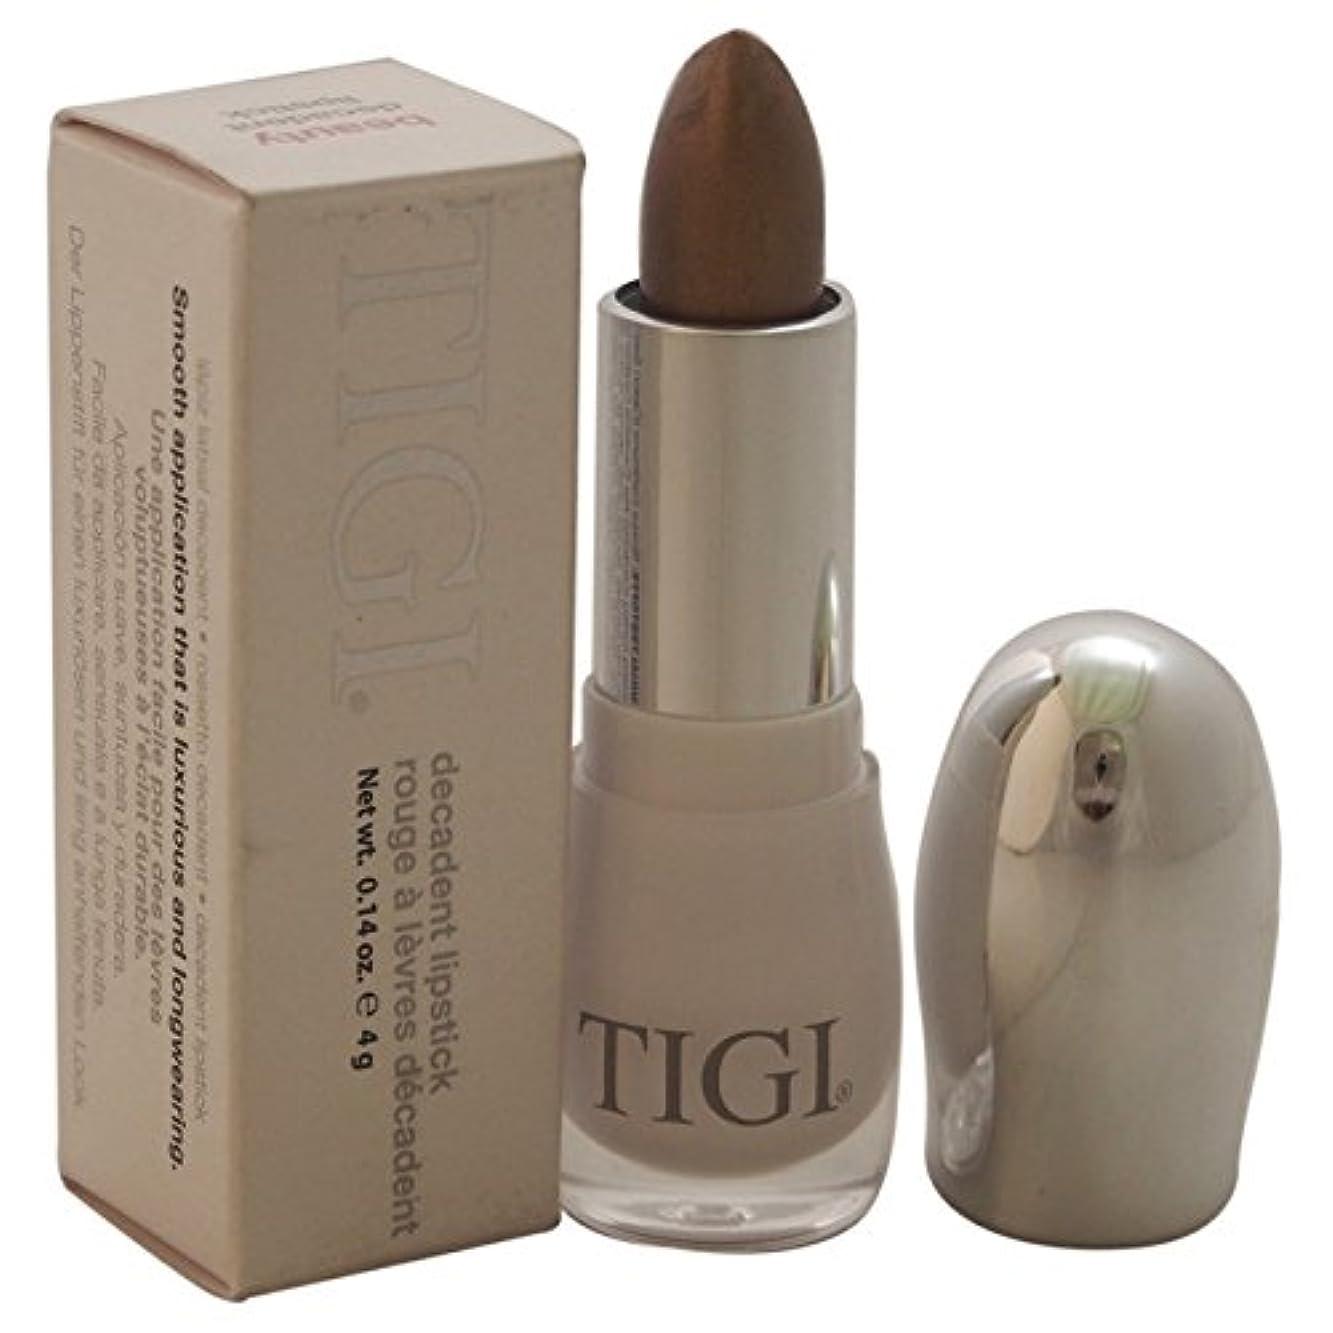 実験室持つ活気づけるTIGI ティジーベッドヘッド退廃口紅、美容、0.14オンス 0.14オンス 美しさ